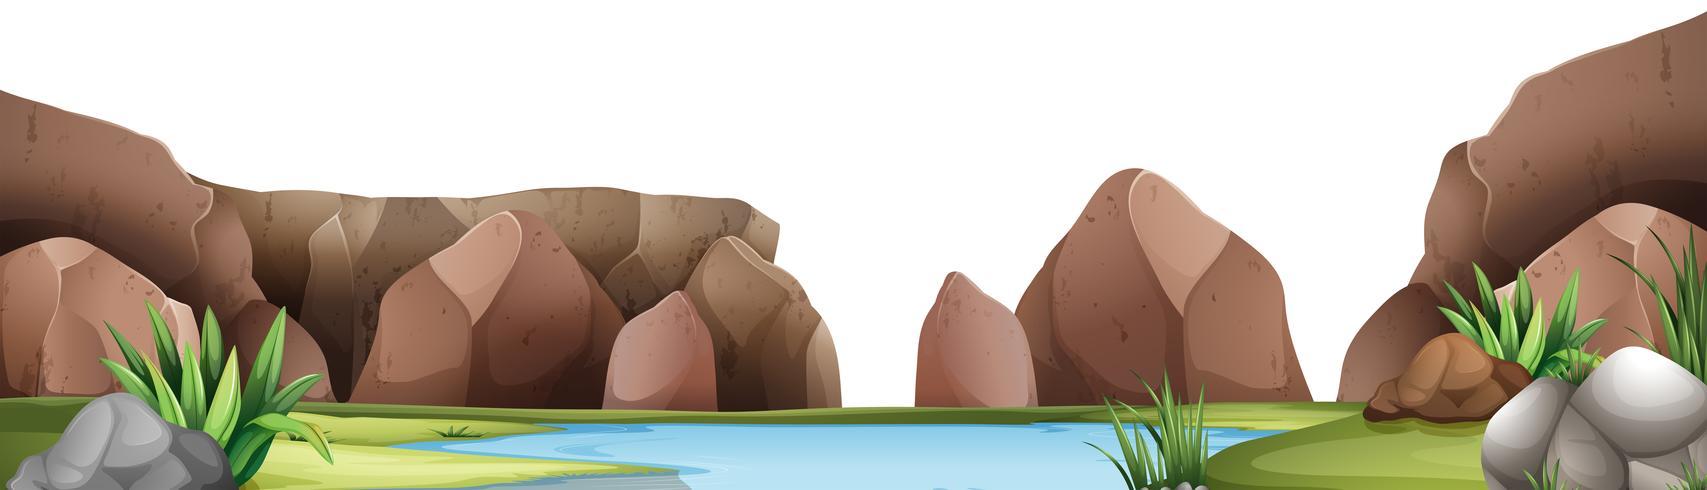 Bakgrundsscen med damm och berg vektor